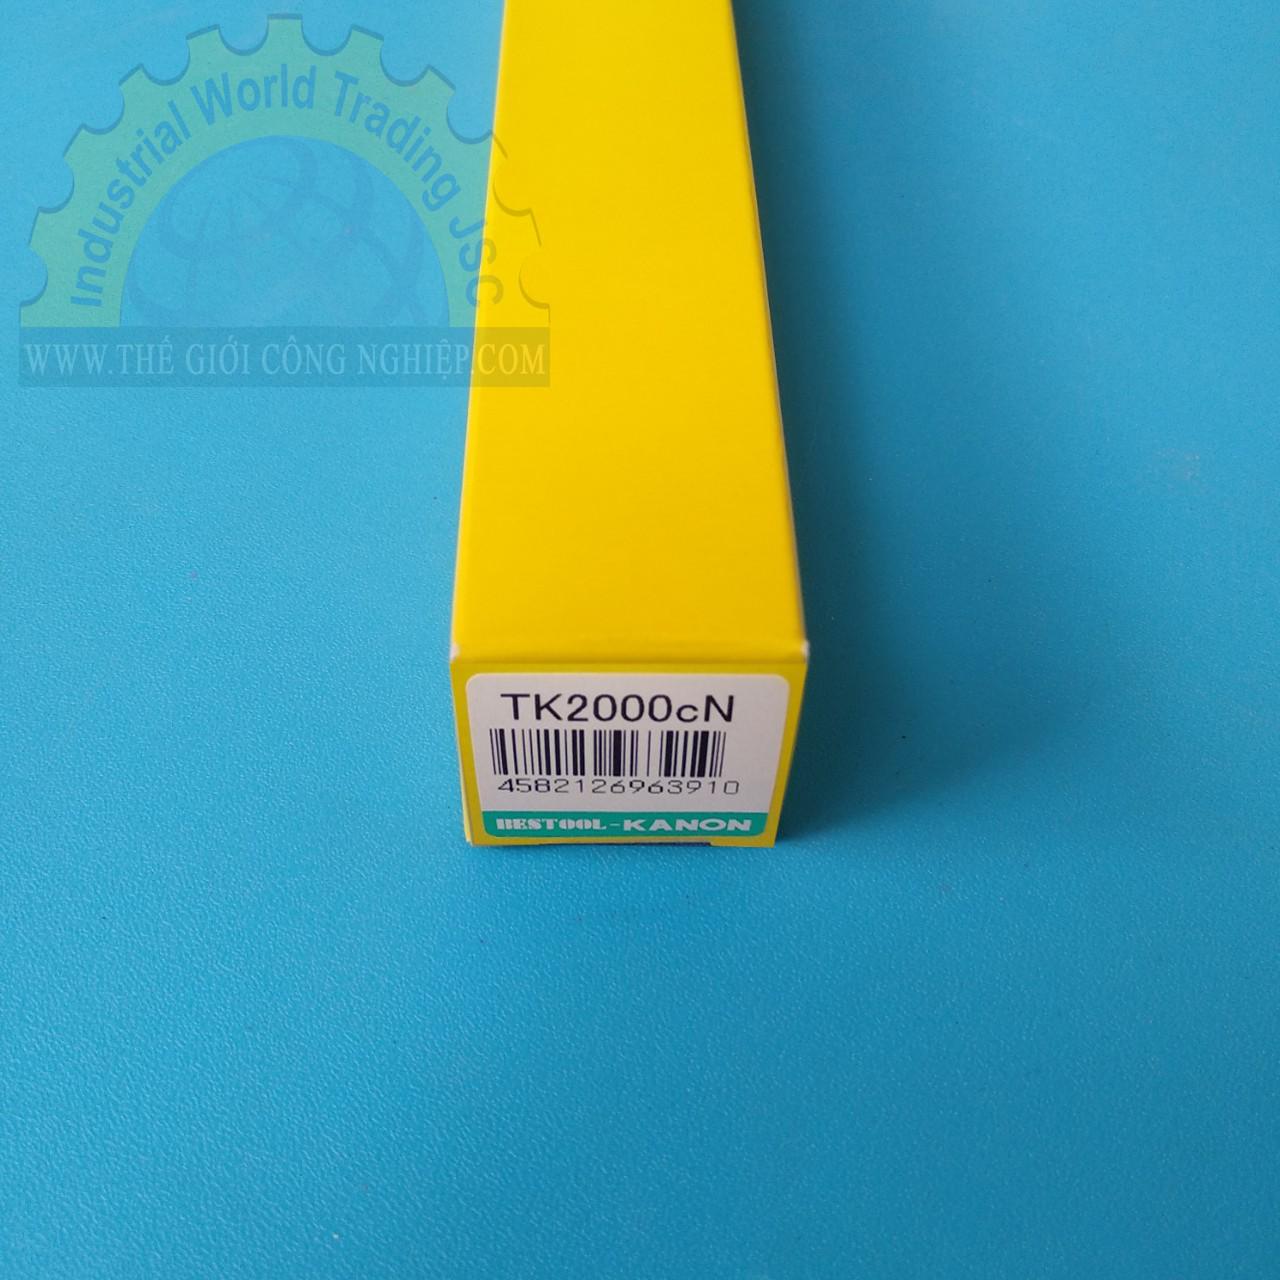 Thiết bị đo lực căng 0 - 2000cN  TK2000cN Kanon